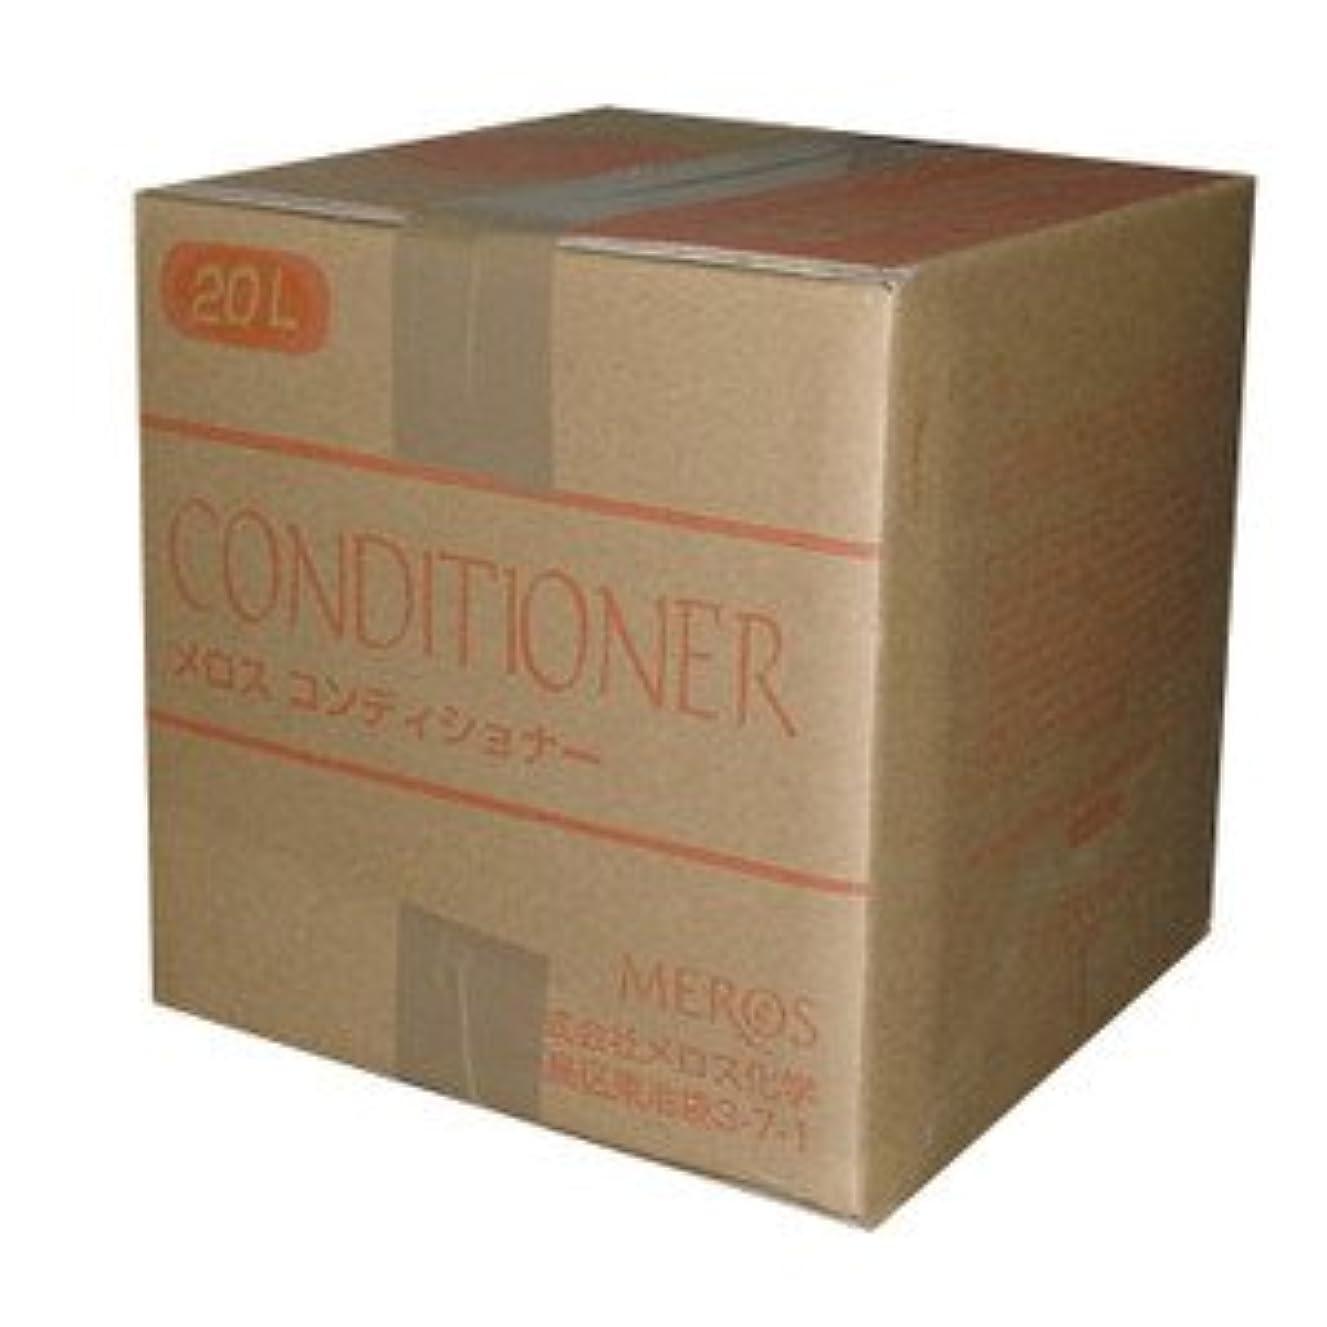 あいにく常習者レジデンスメロス コンディショナー 業務用 20L / 詰め替え (メロス化学)業務用コンディショナー